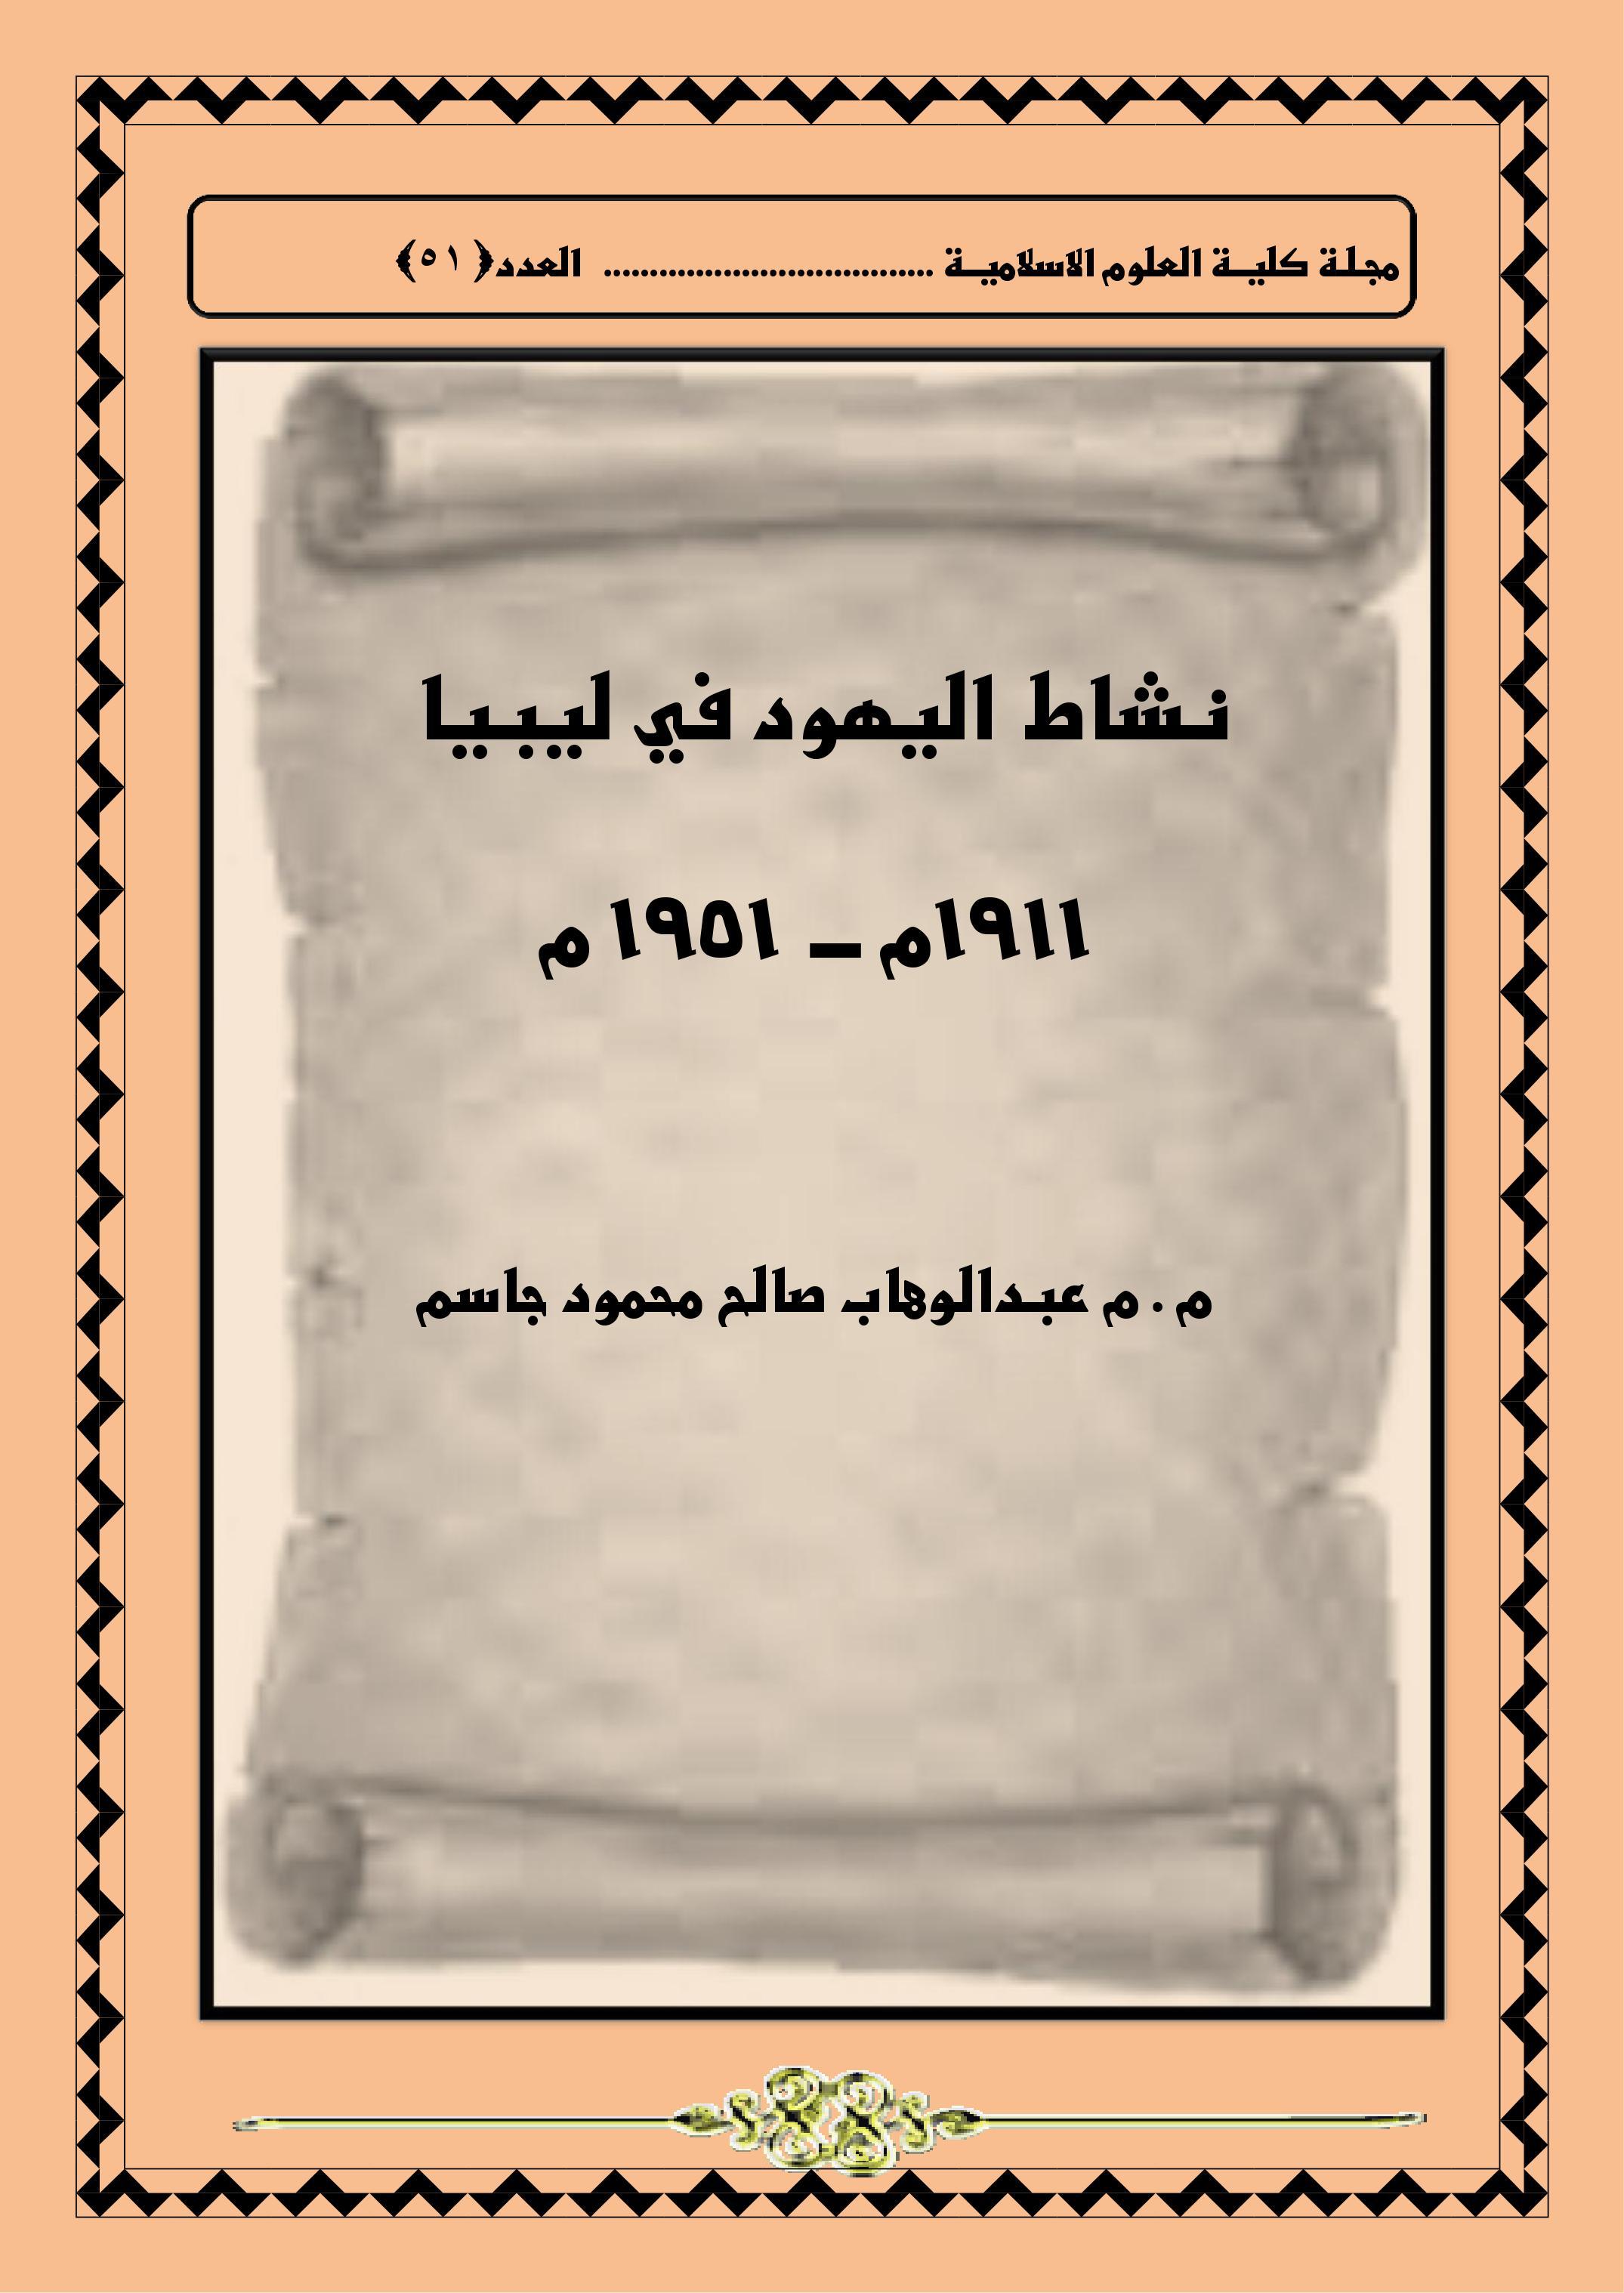 نشاط  اليهود في ليبيا  1911م ـــ  1951 م